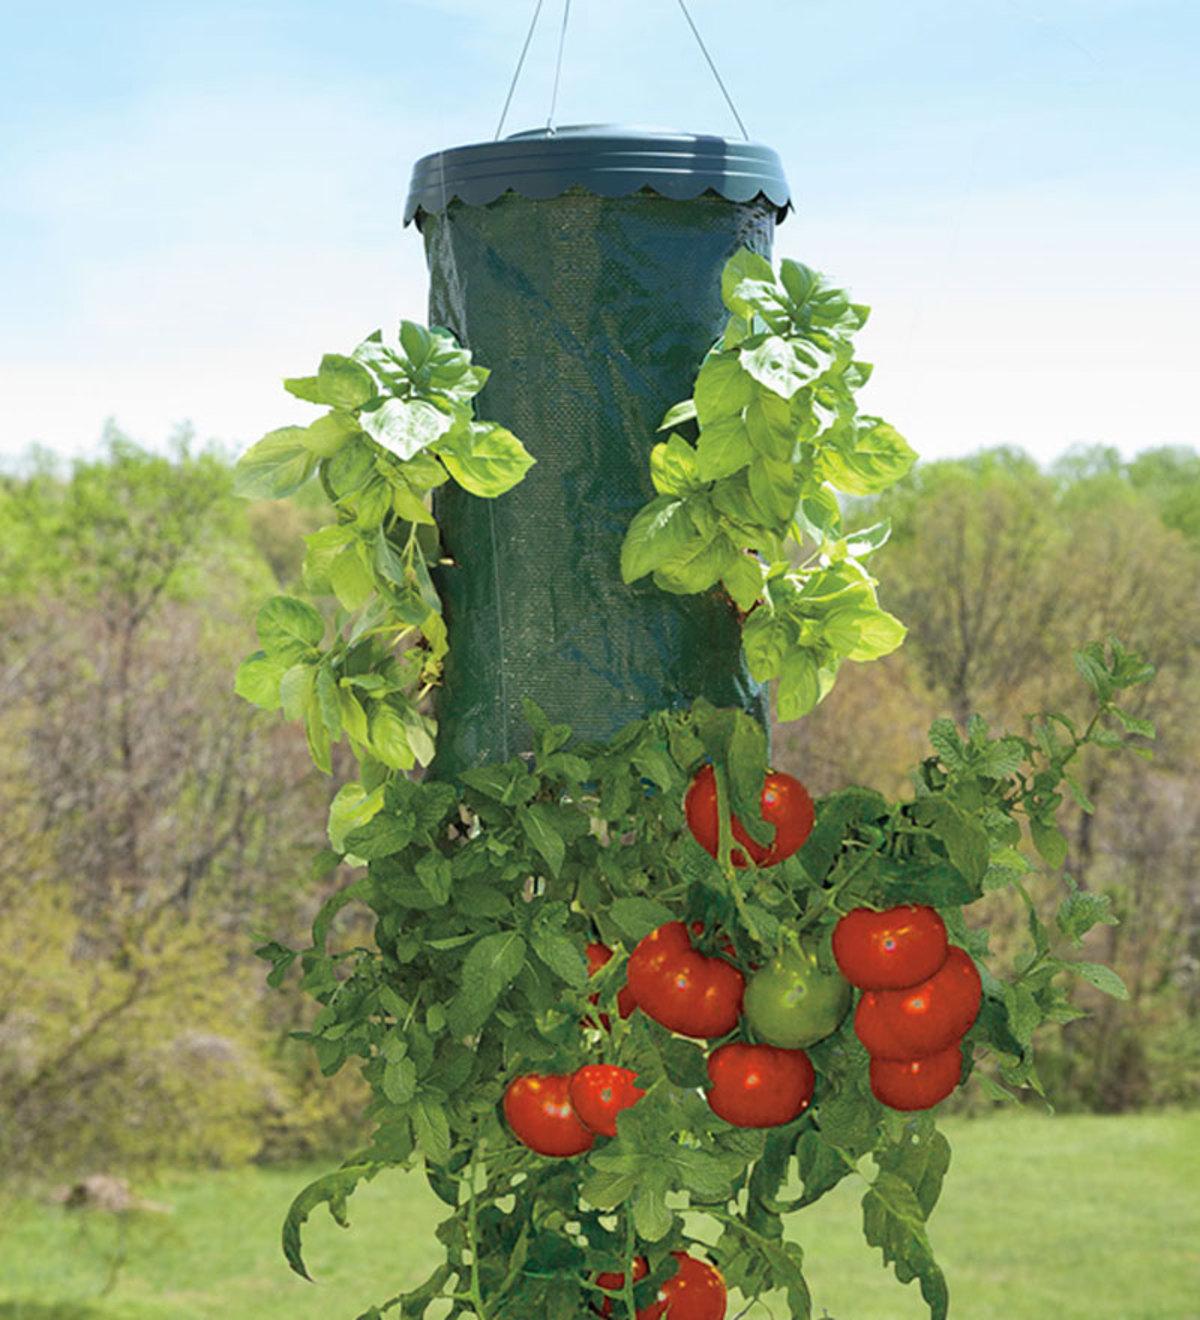 Выращивание помидоров вниз головой: увеличиваем урожай в 4 раза